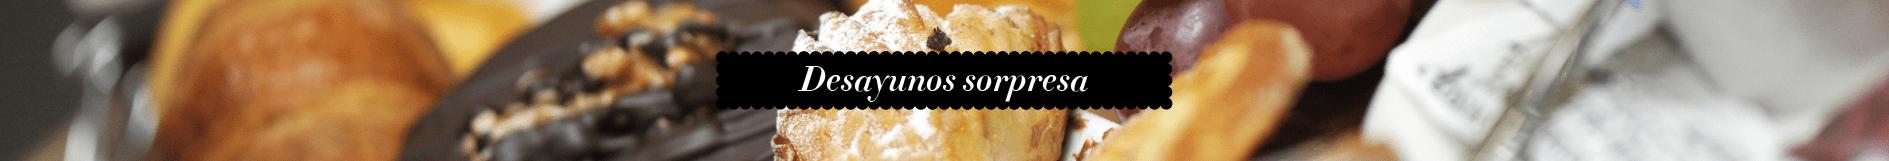 banner_desayunos